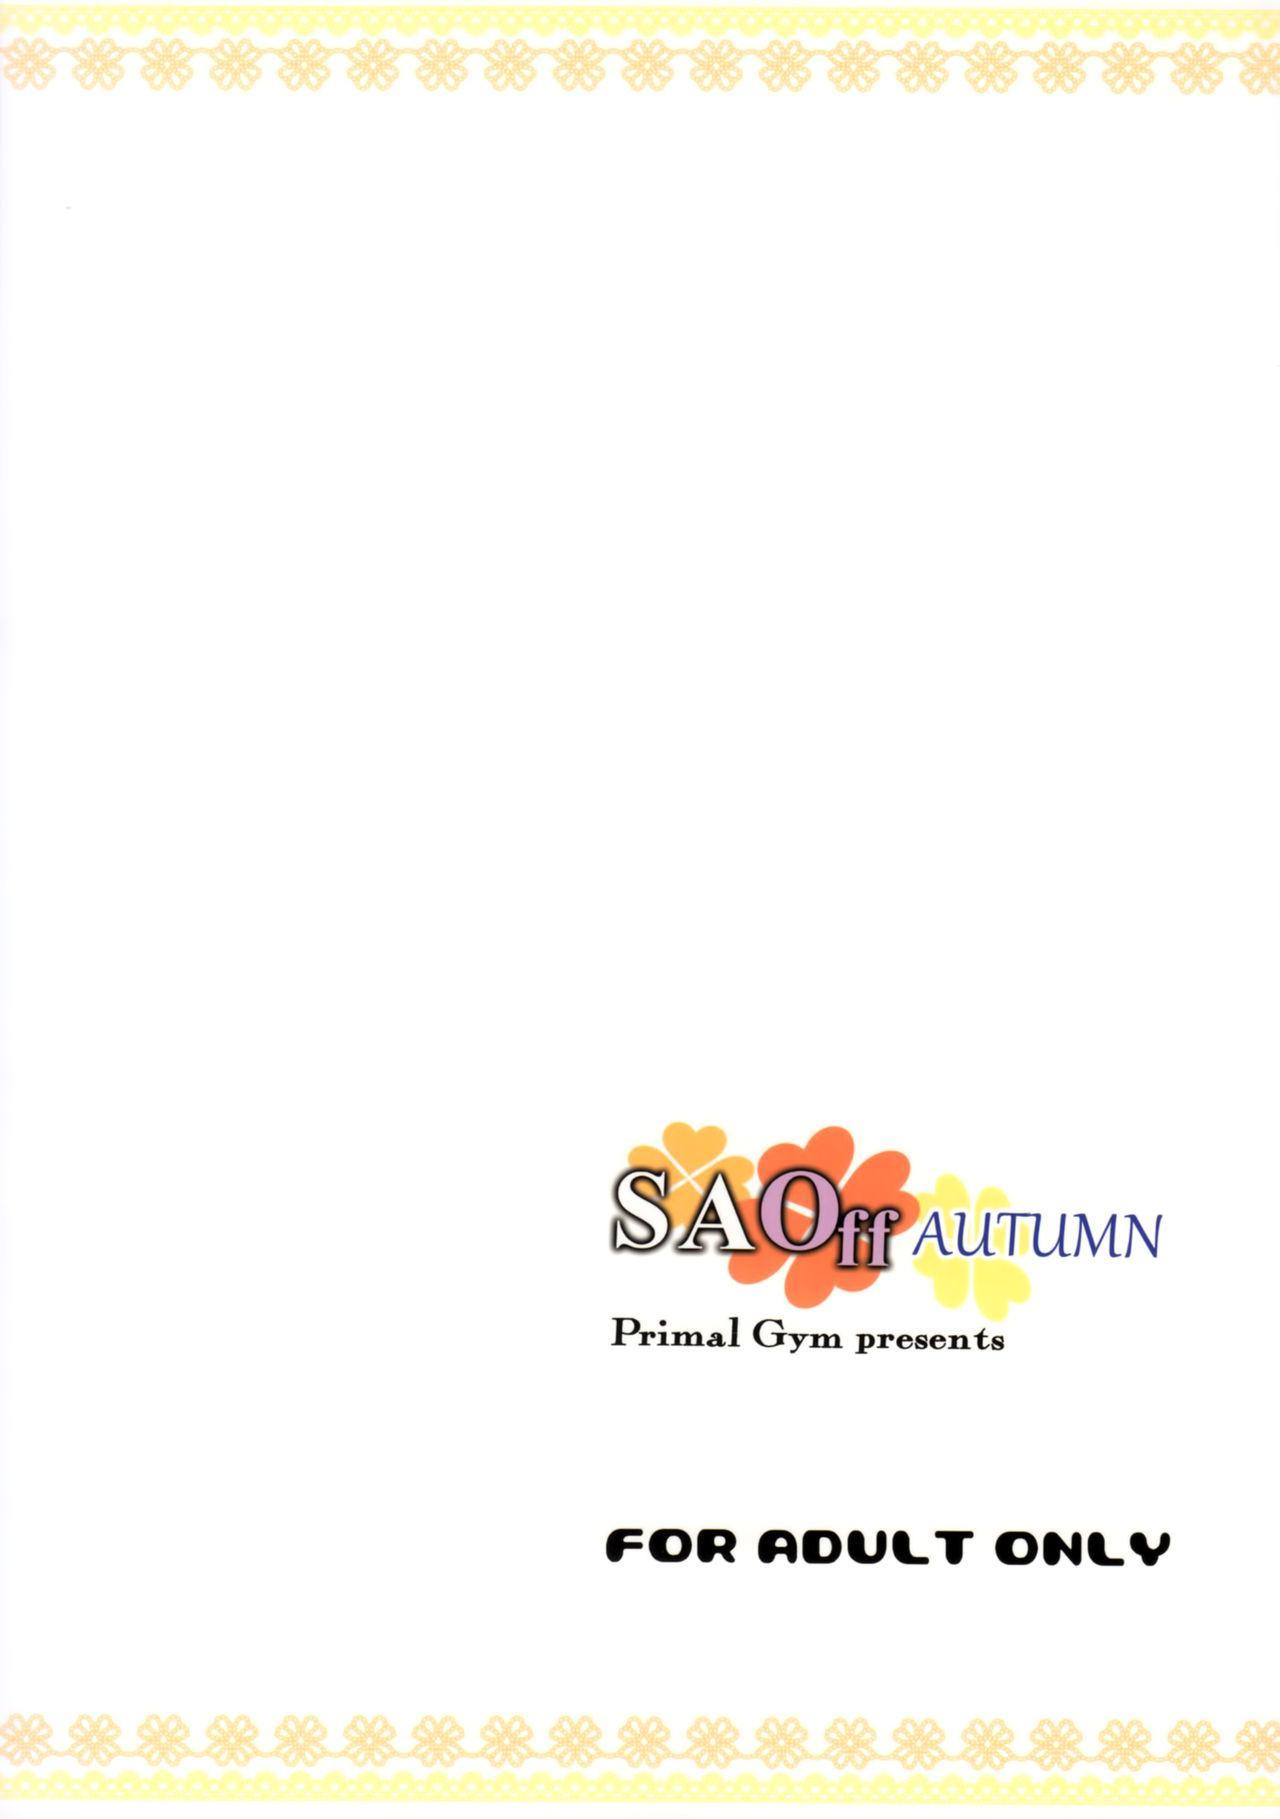 SAOff AUTUMN 22